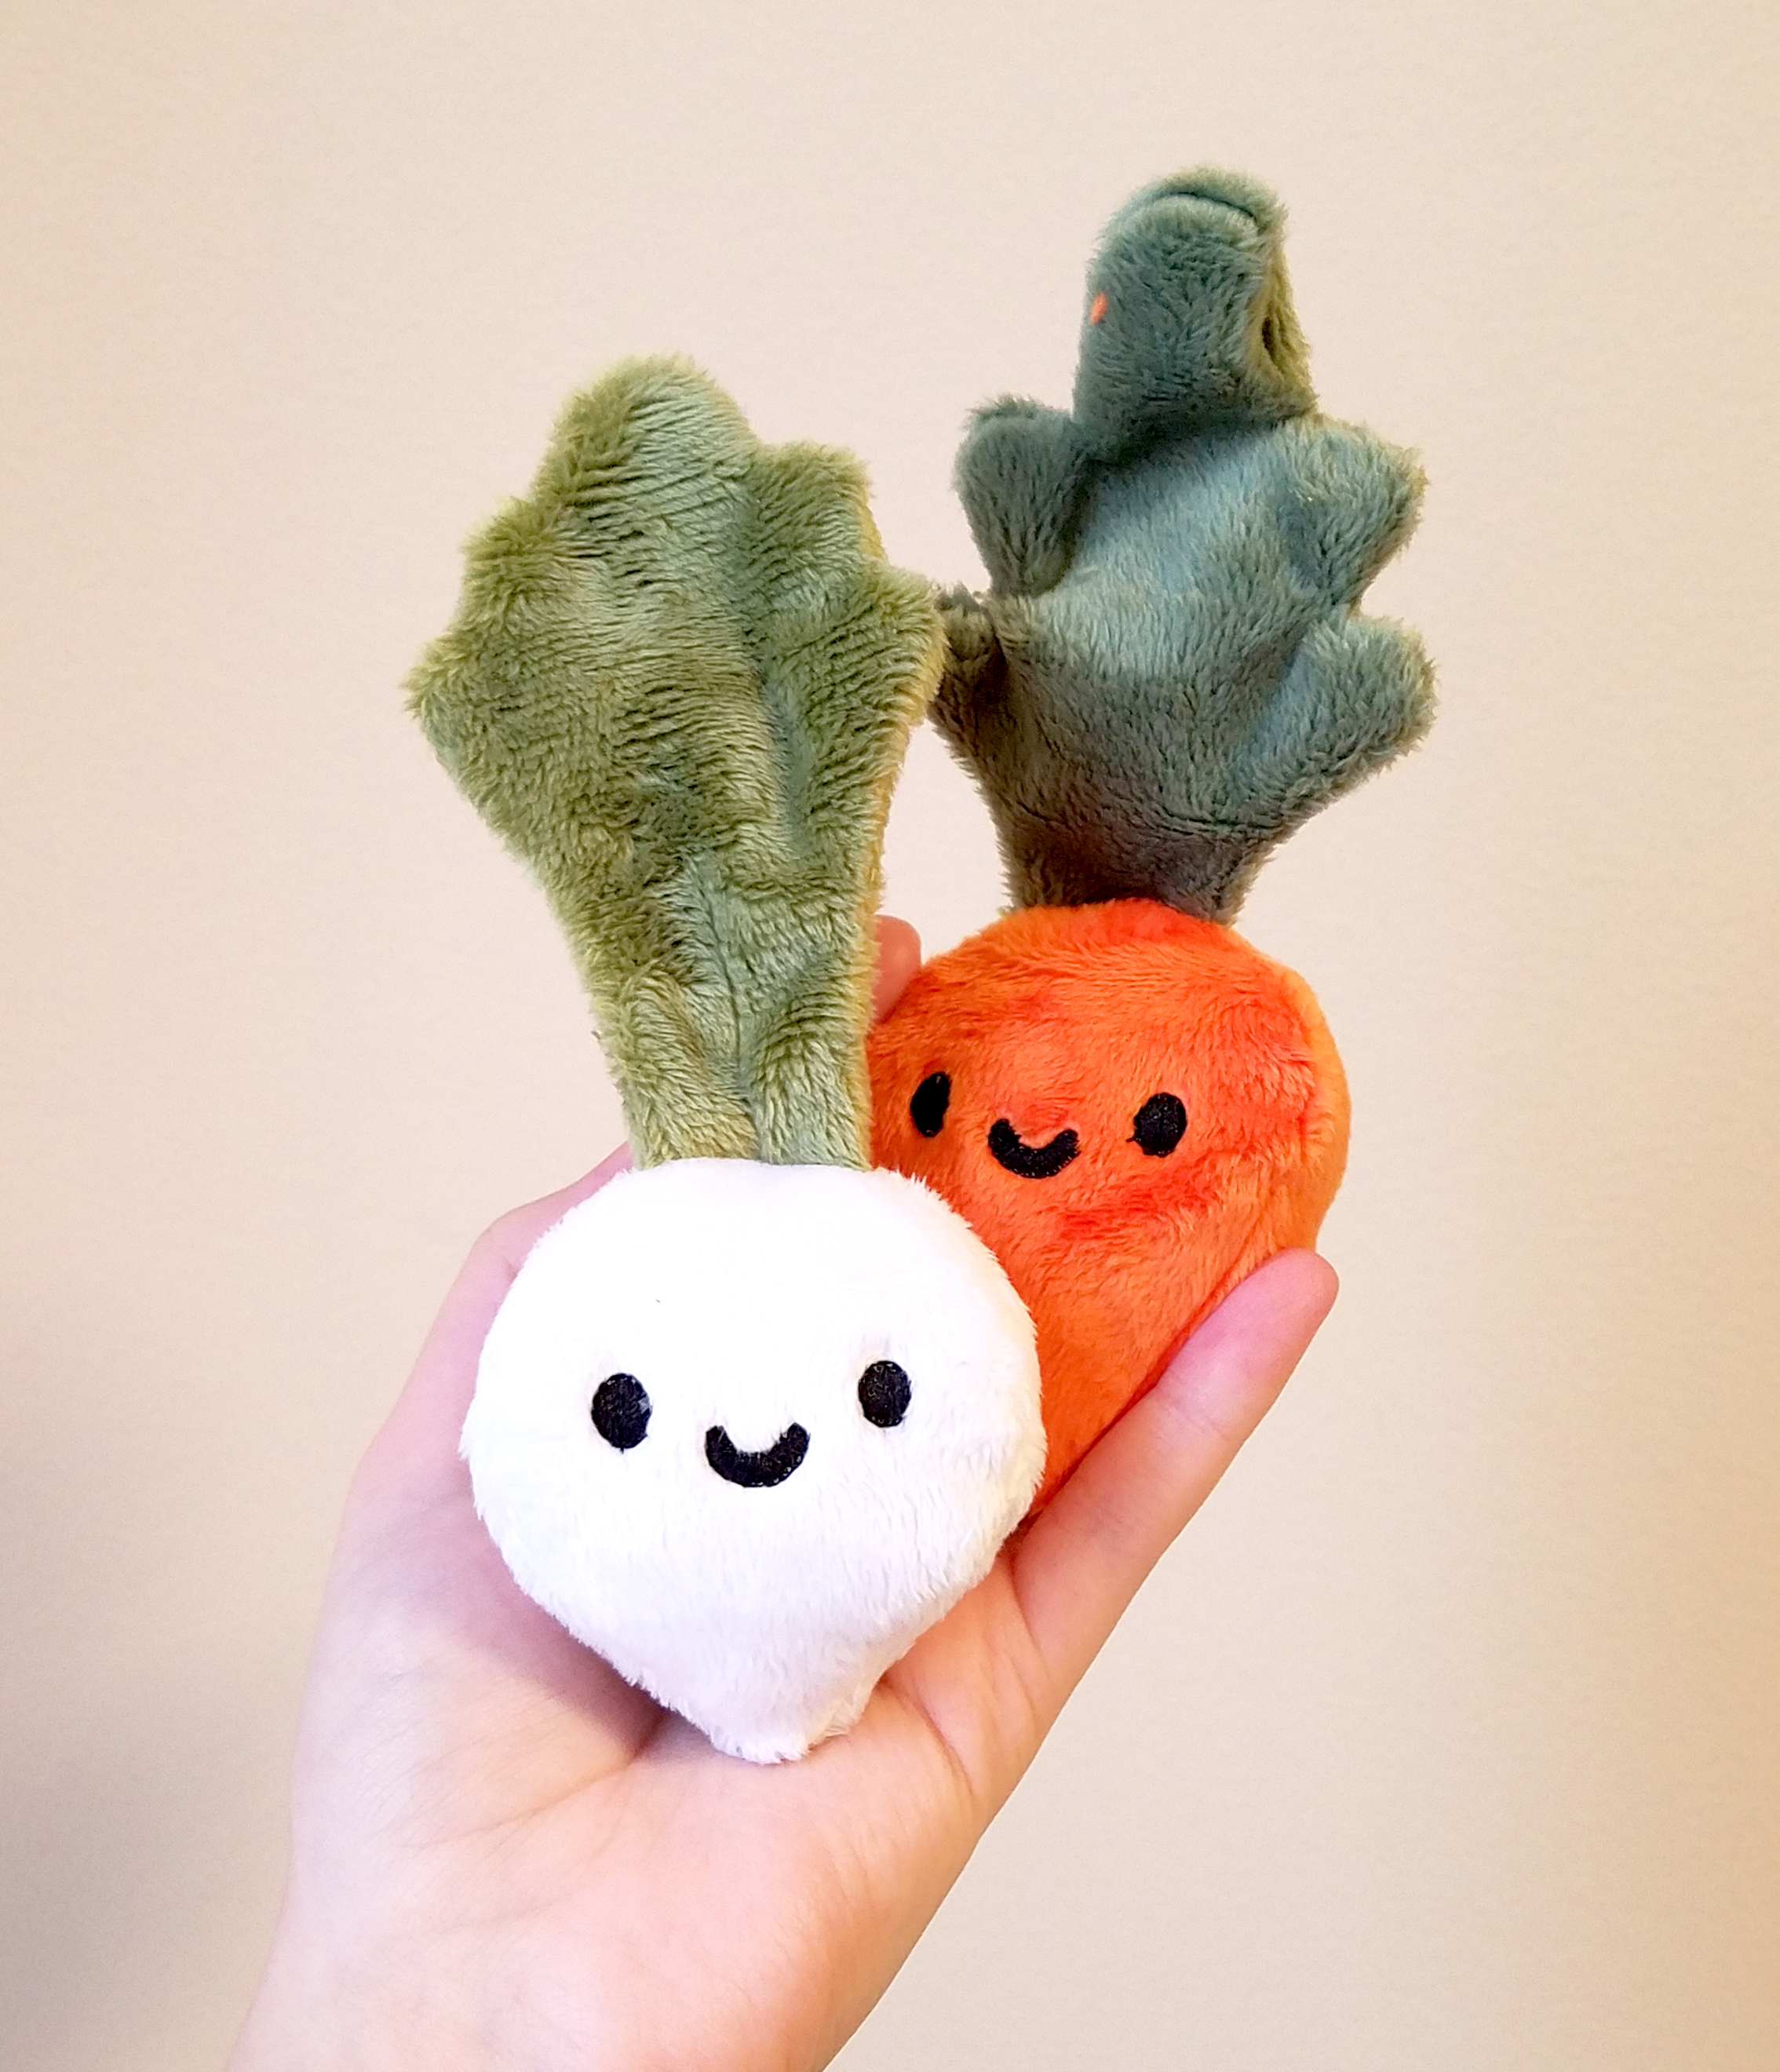 Original Cactus & Turnip Plush Designs